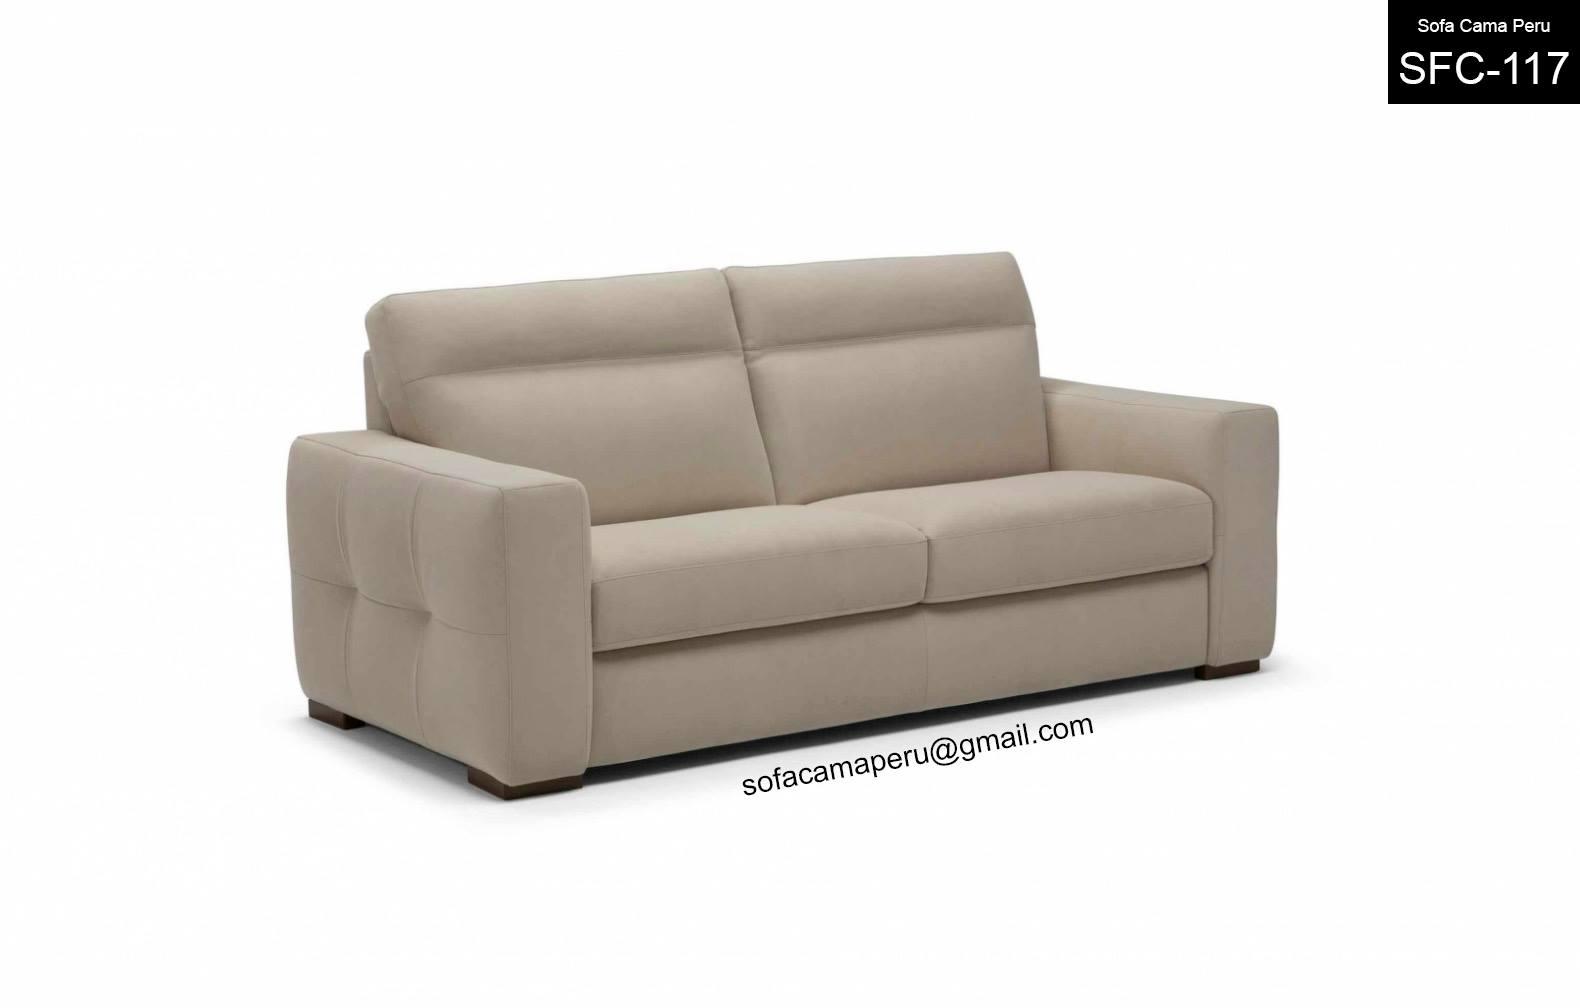 sofa sfc zebra sofas cama peru